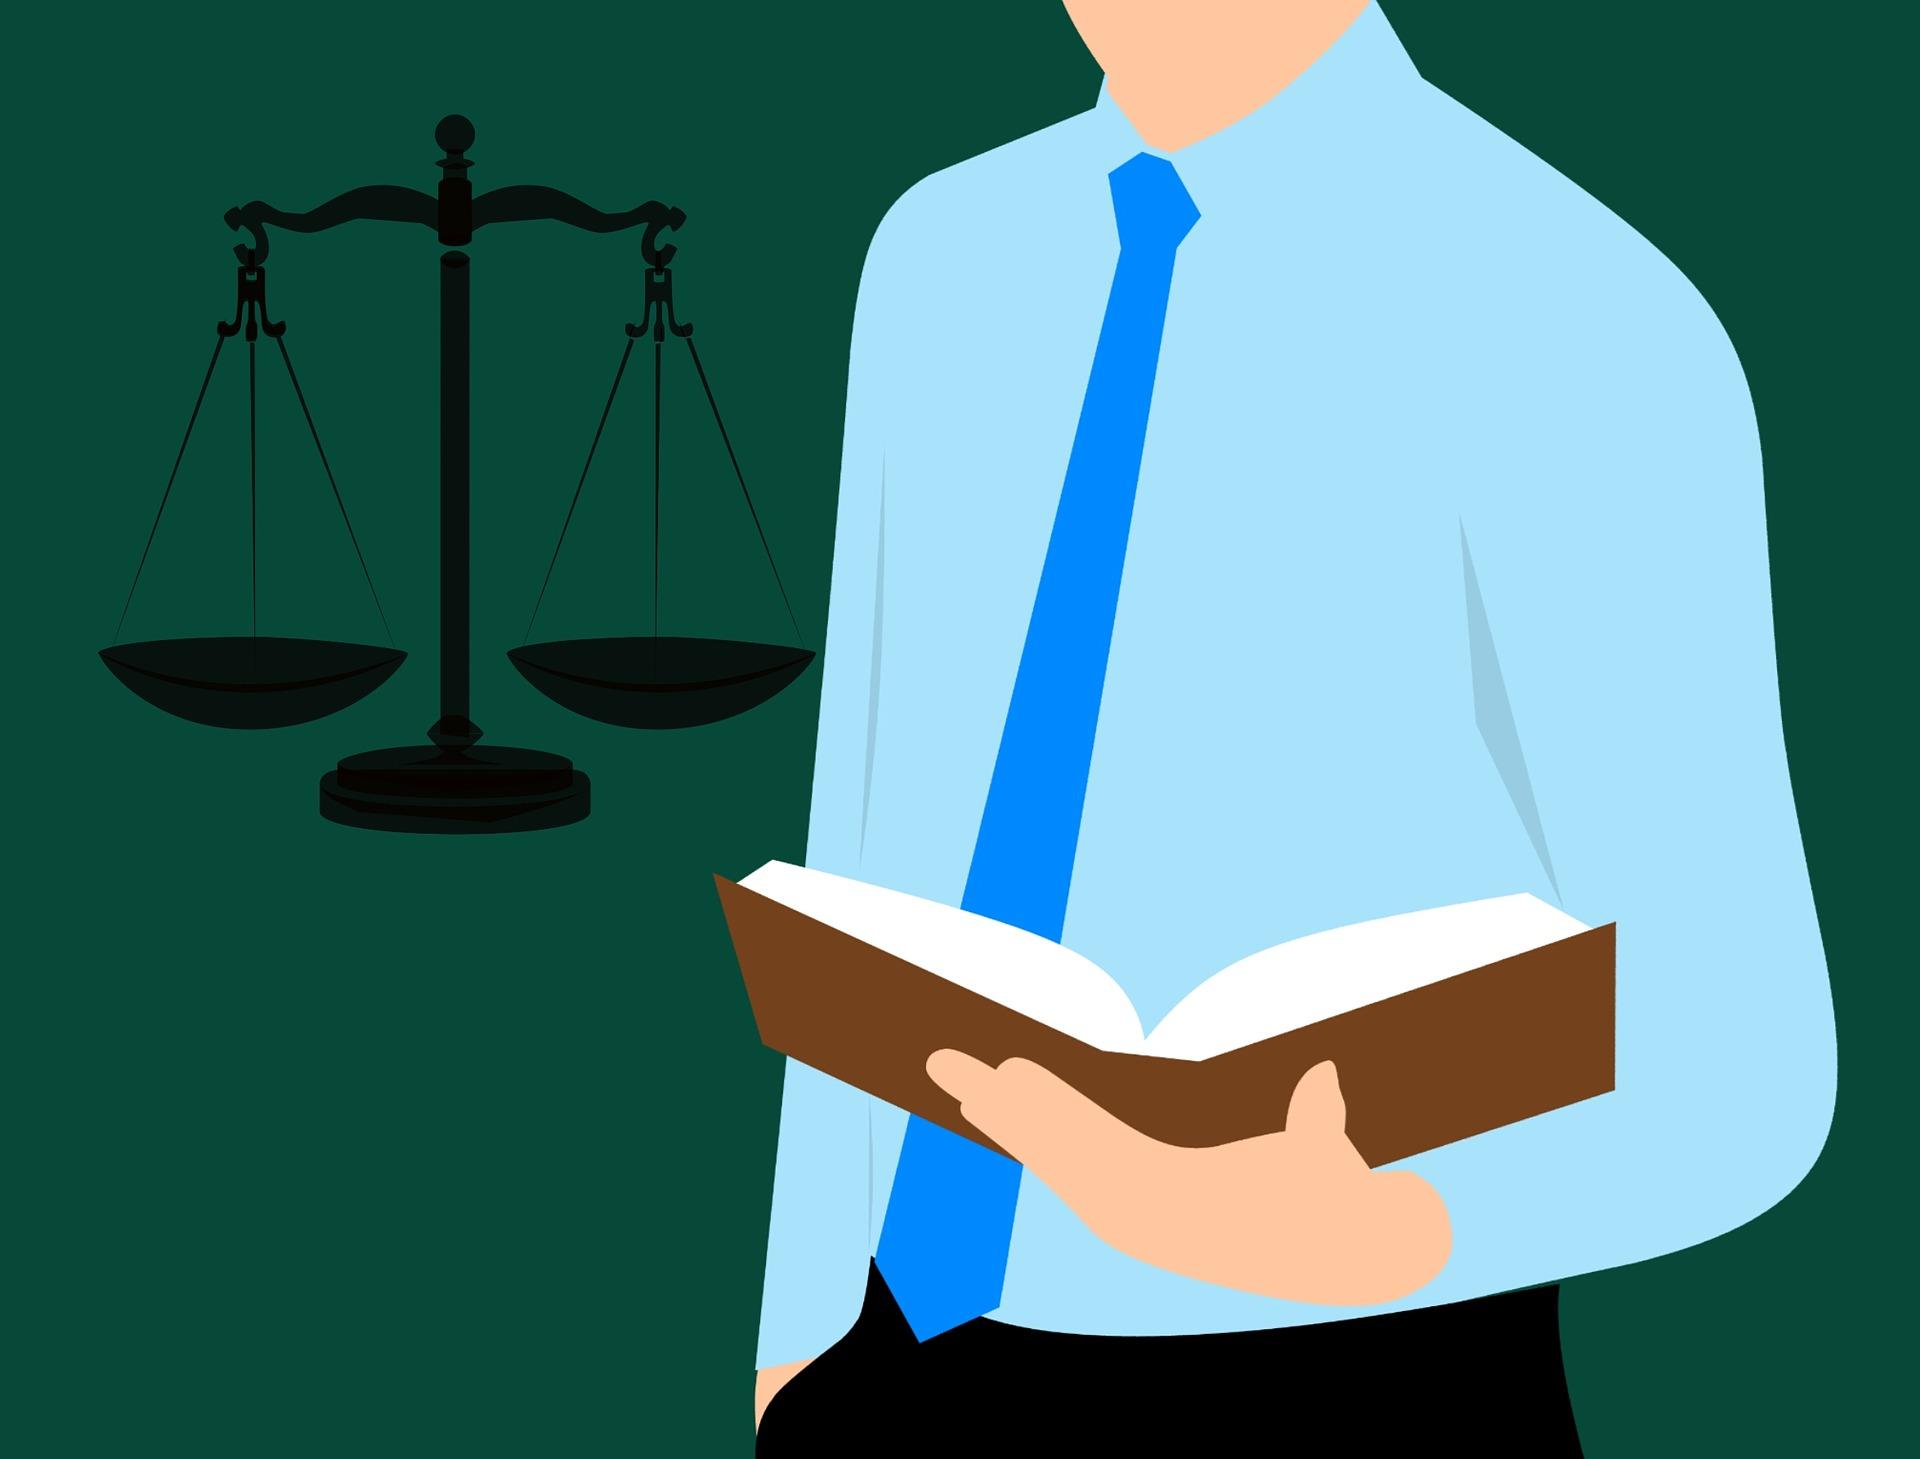 Cloud security case study for a law firm: BNA & Cubbit